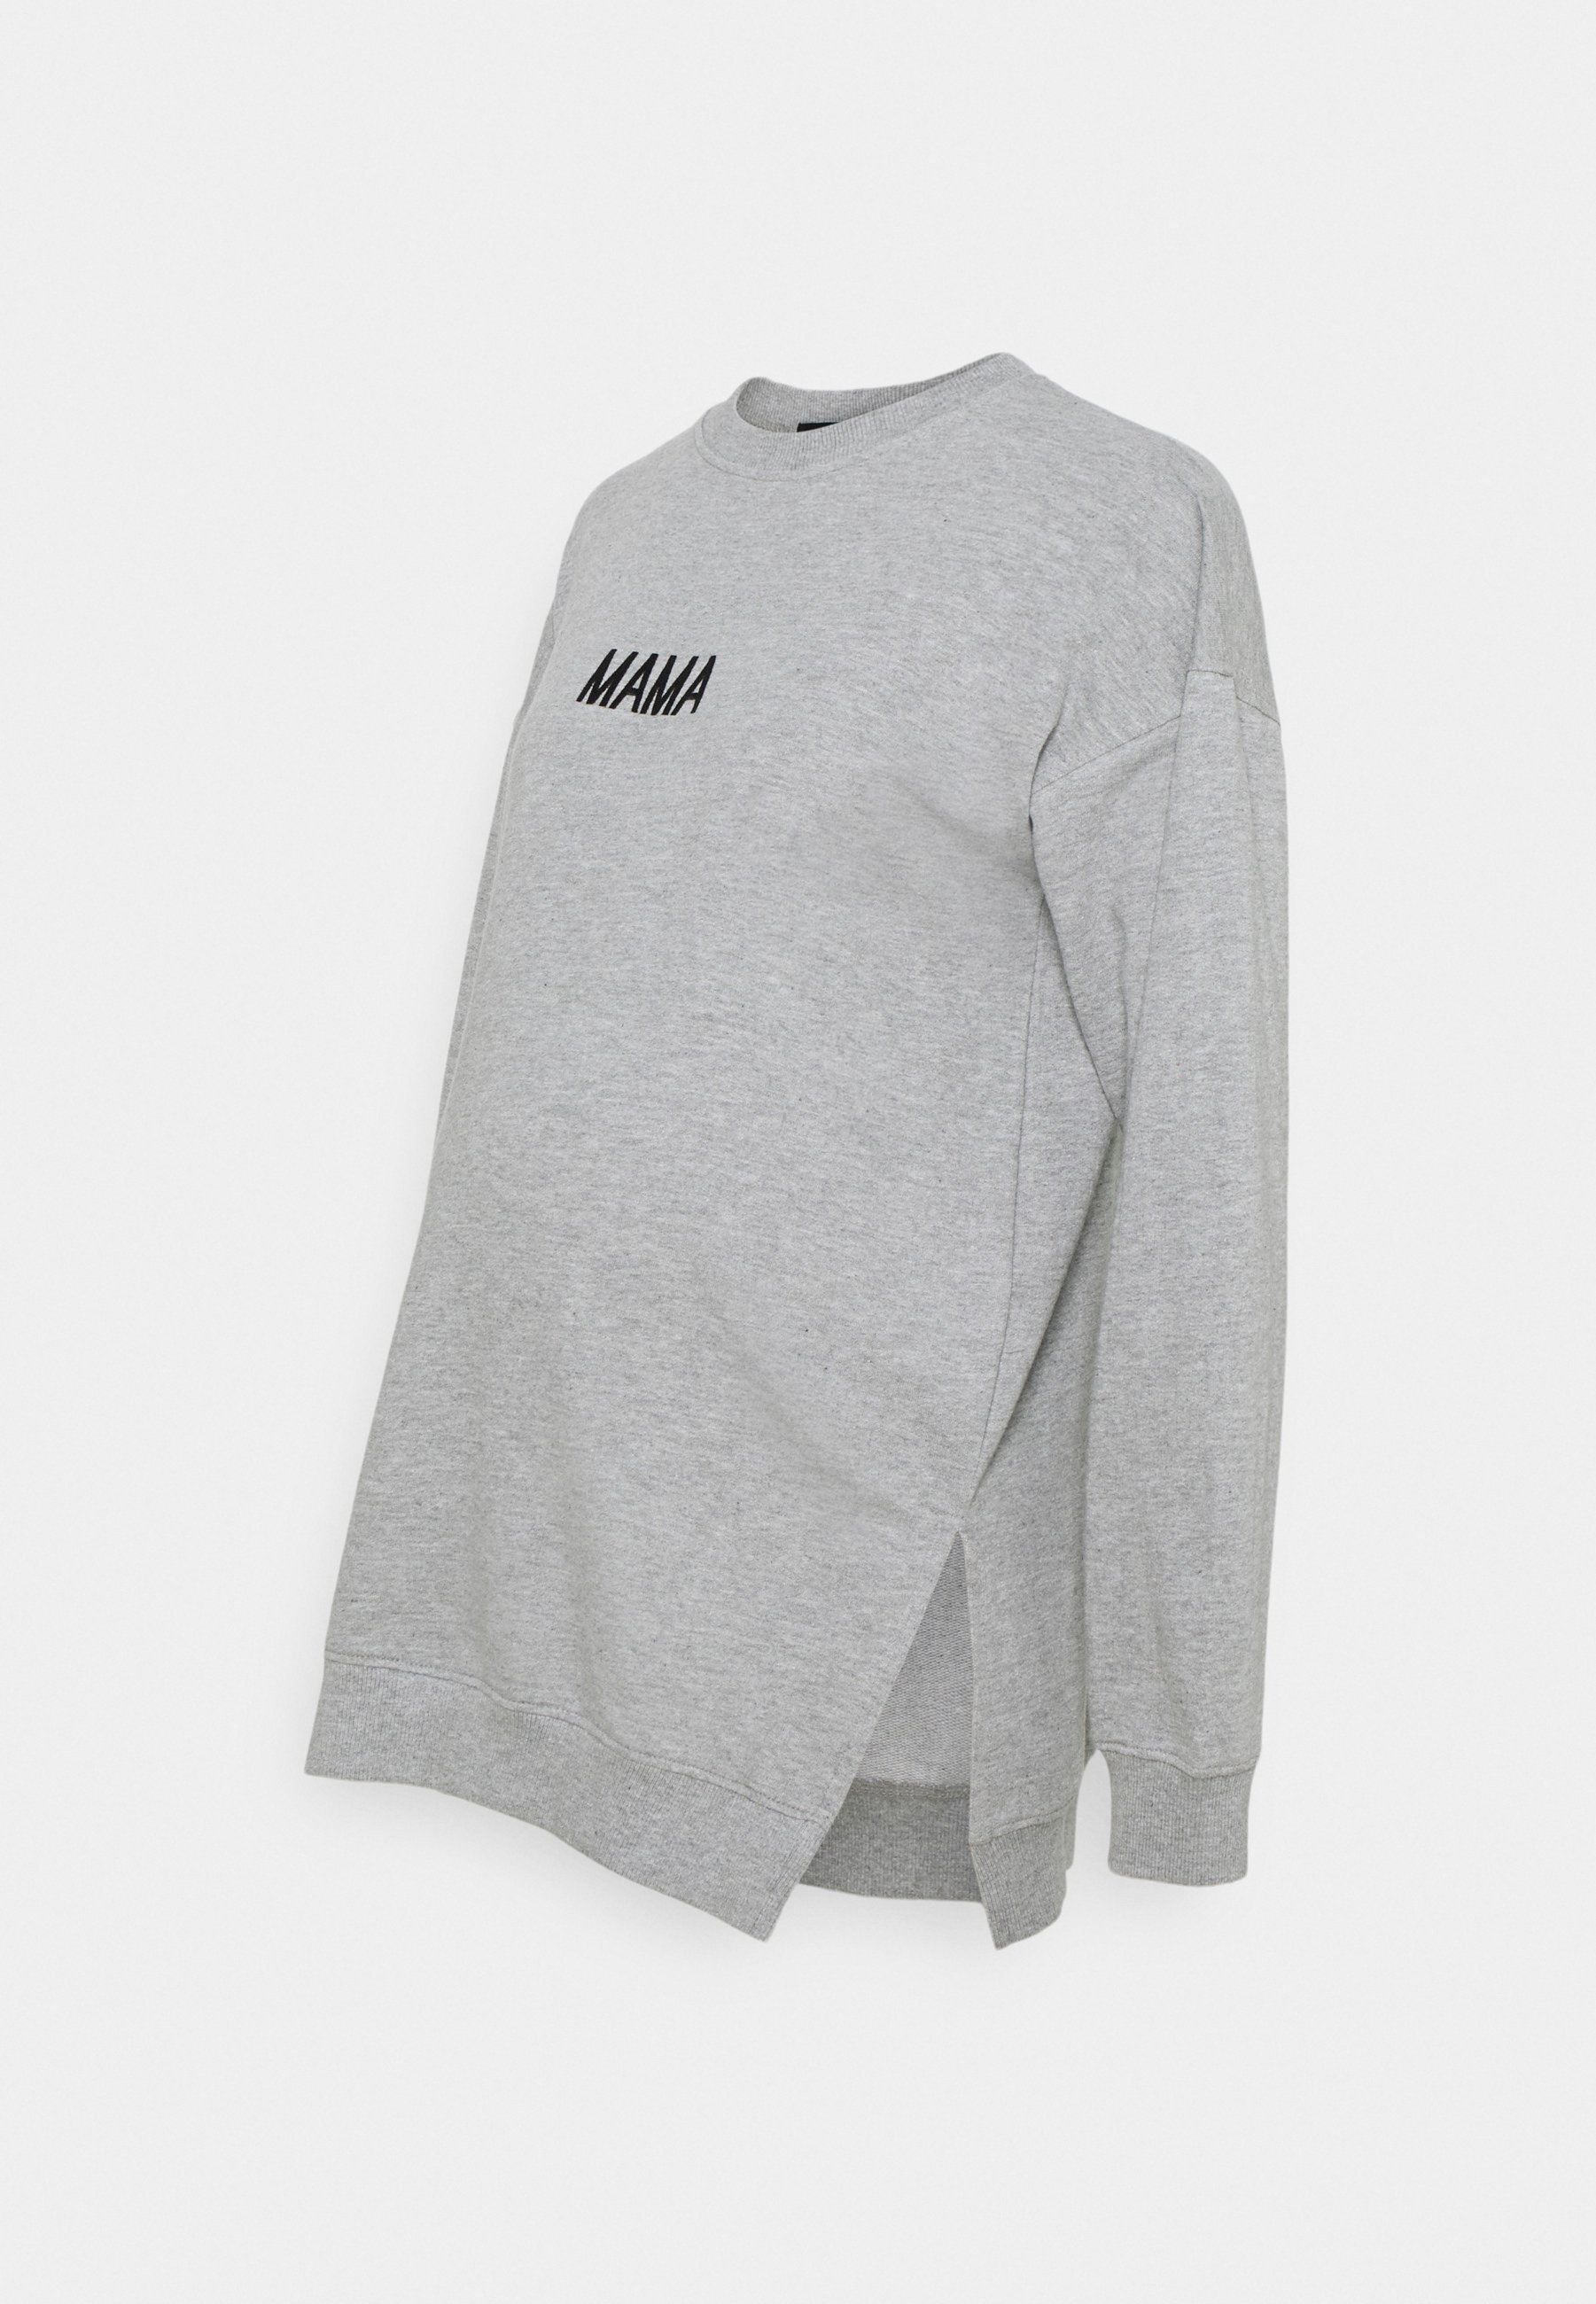 Women MAMA - Sweatshirt